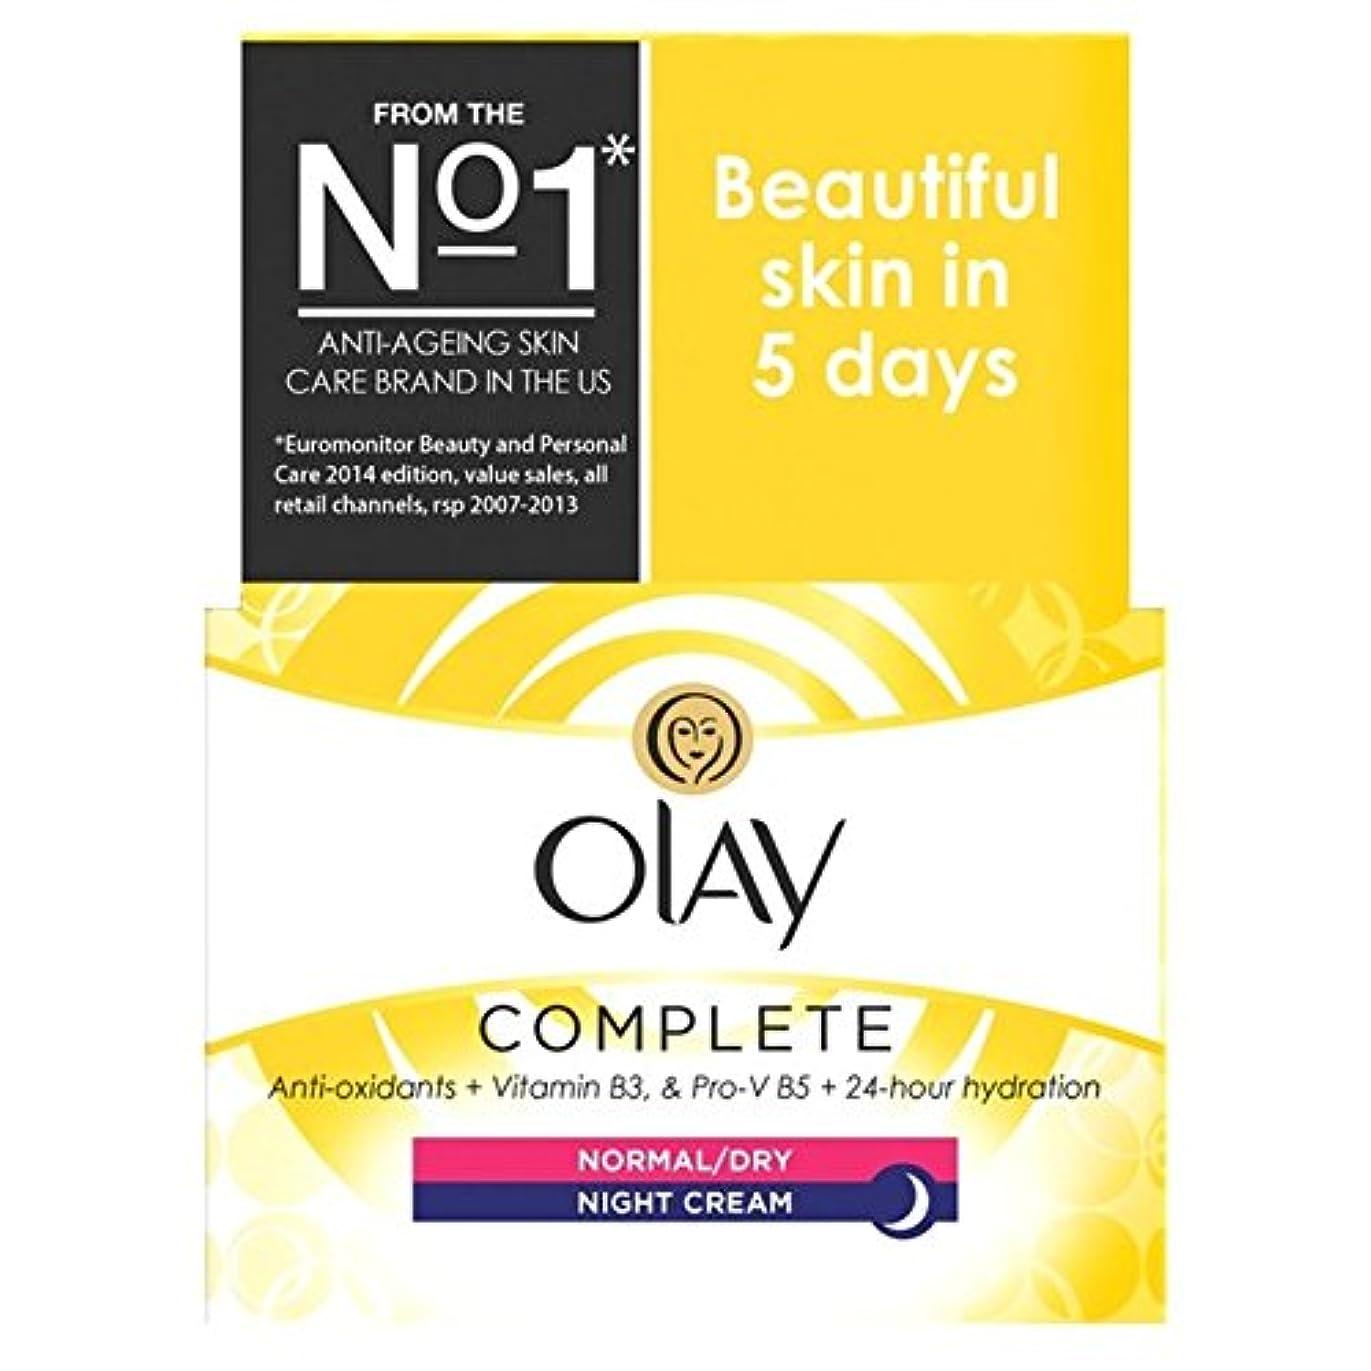 召集するリッチ起訴するオーレイ必需品の完全なケア保湿ナイトクリーム50ミリリットル x4 - Olay Essentials Complete Care Moisturiser Night Cream 50ml (Pack of 4) [並行輸入品]